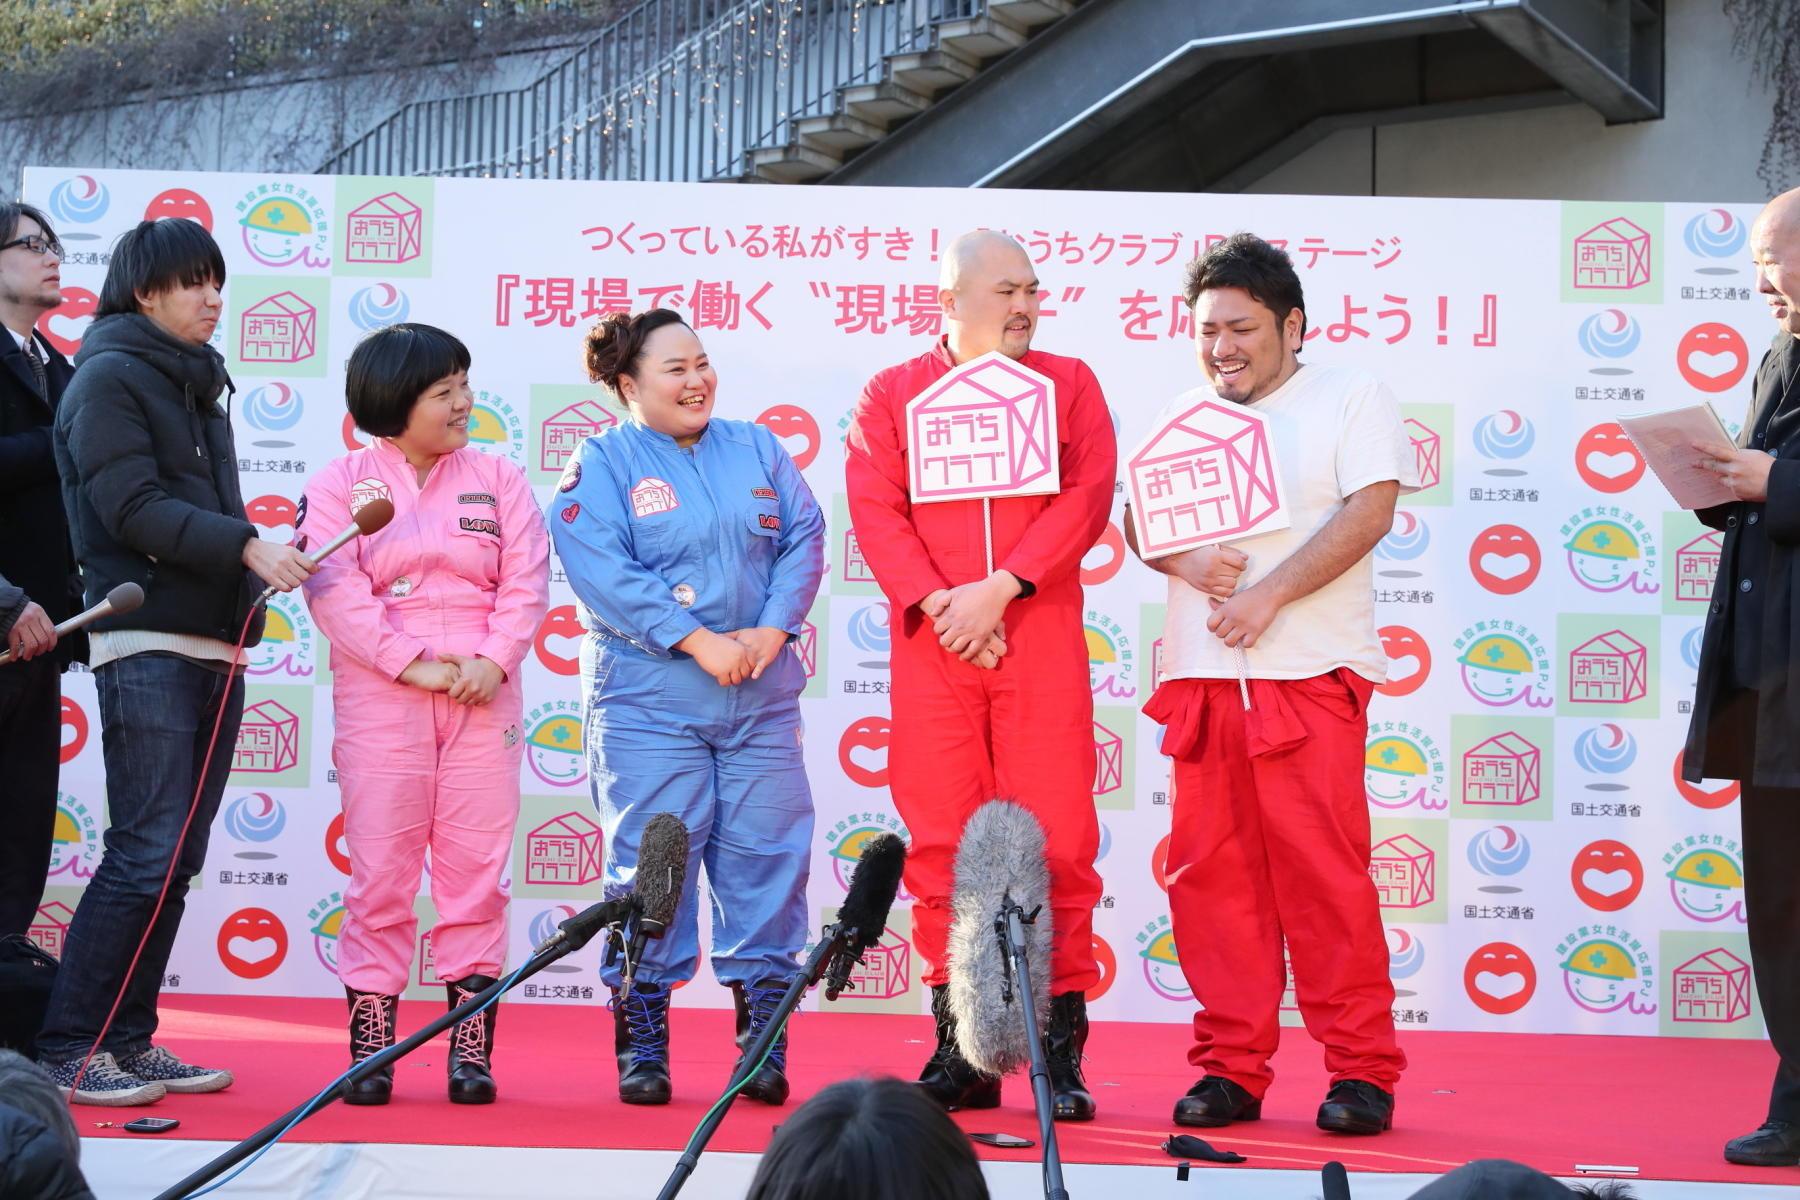 http://news.yoshimoto.co.jp/20170226100520-d7cbeb4a61e77c20b9d1719e1b71f7f07ec6739d.jpg